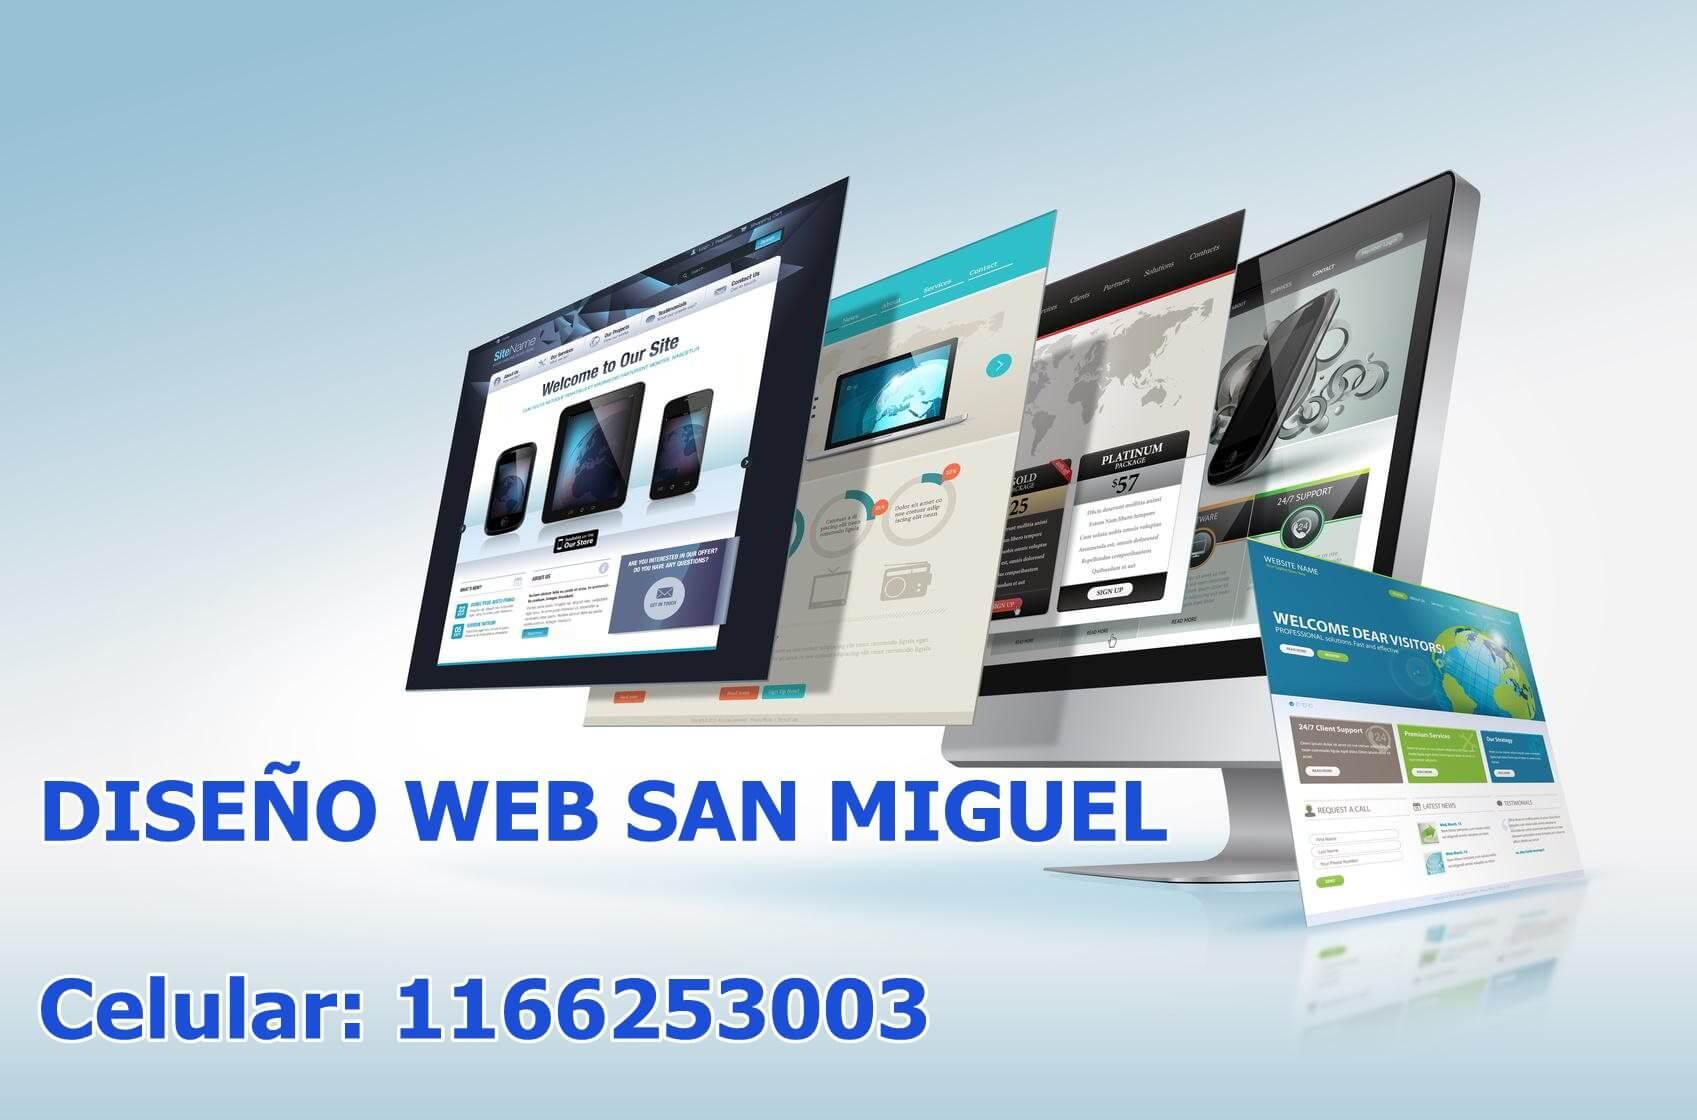 Diseño Web San Miguel